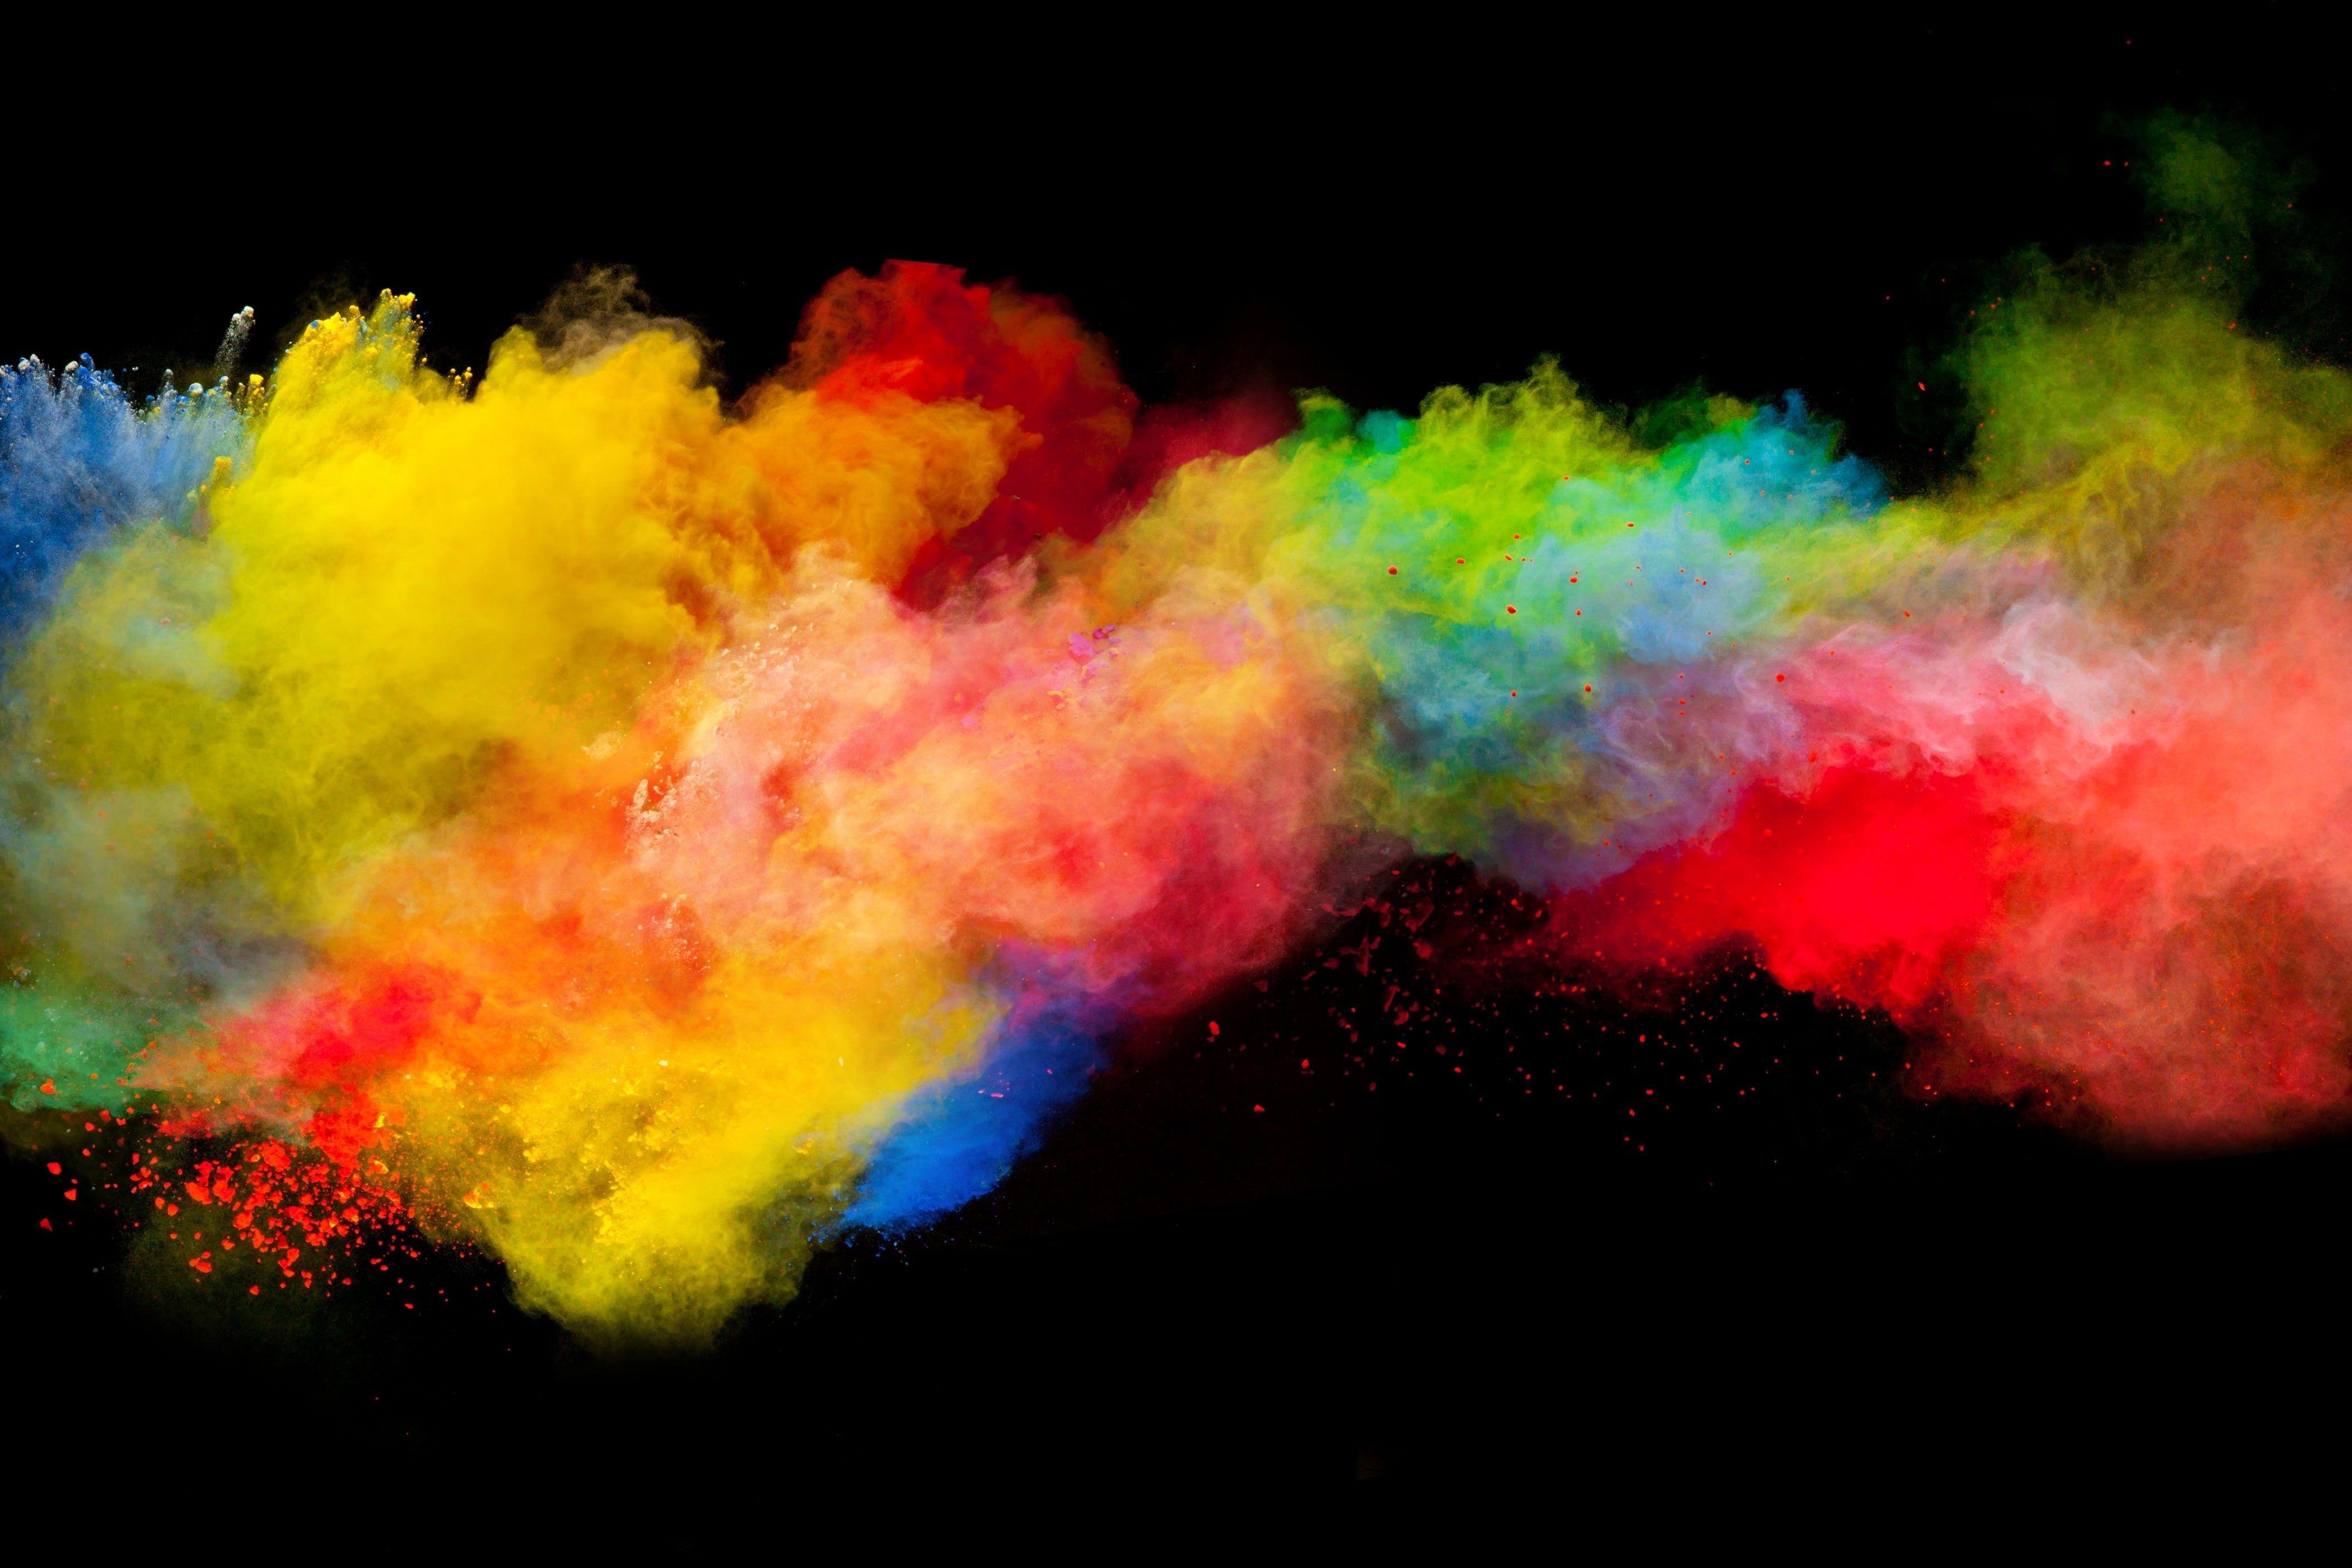 powder colorful black splashes powder explosion 4K